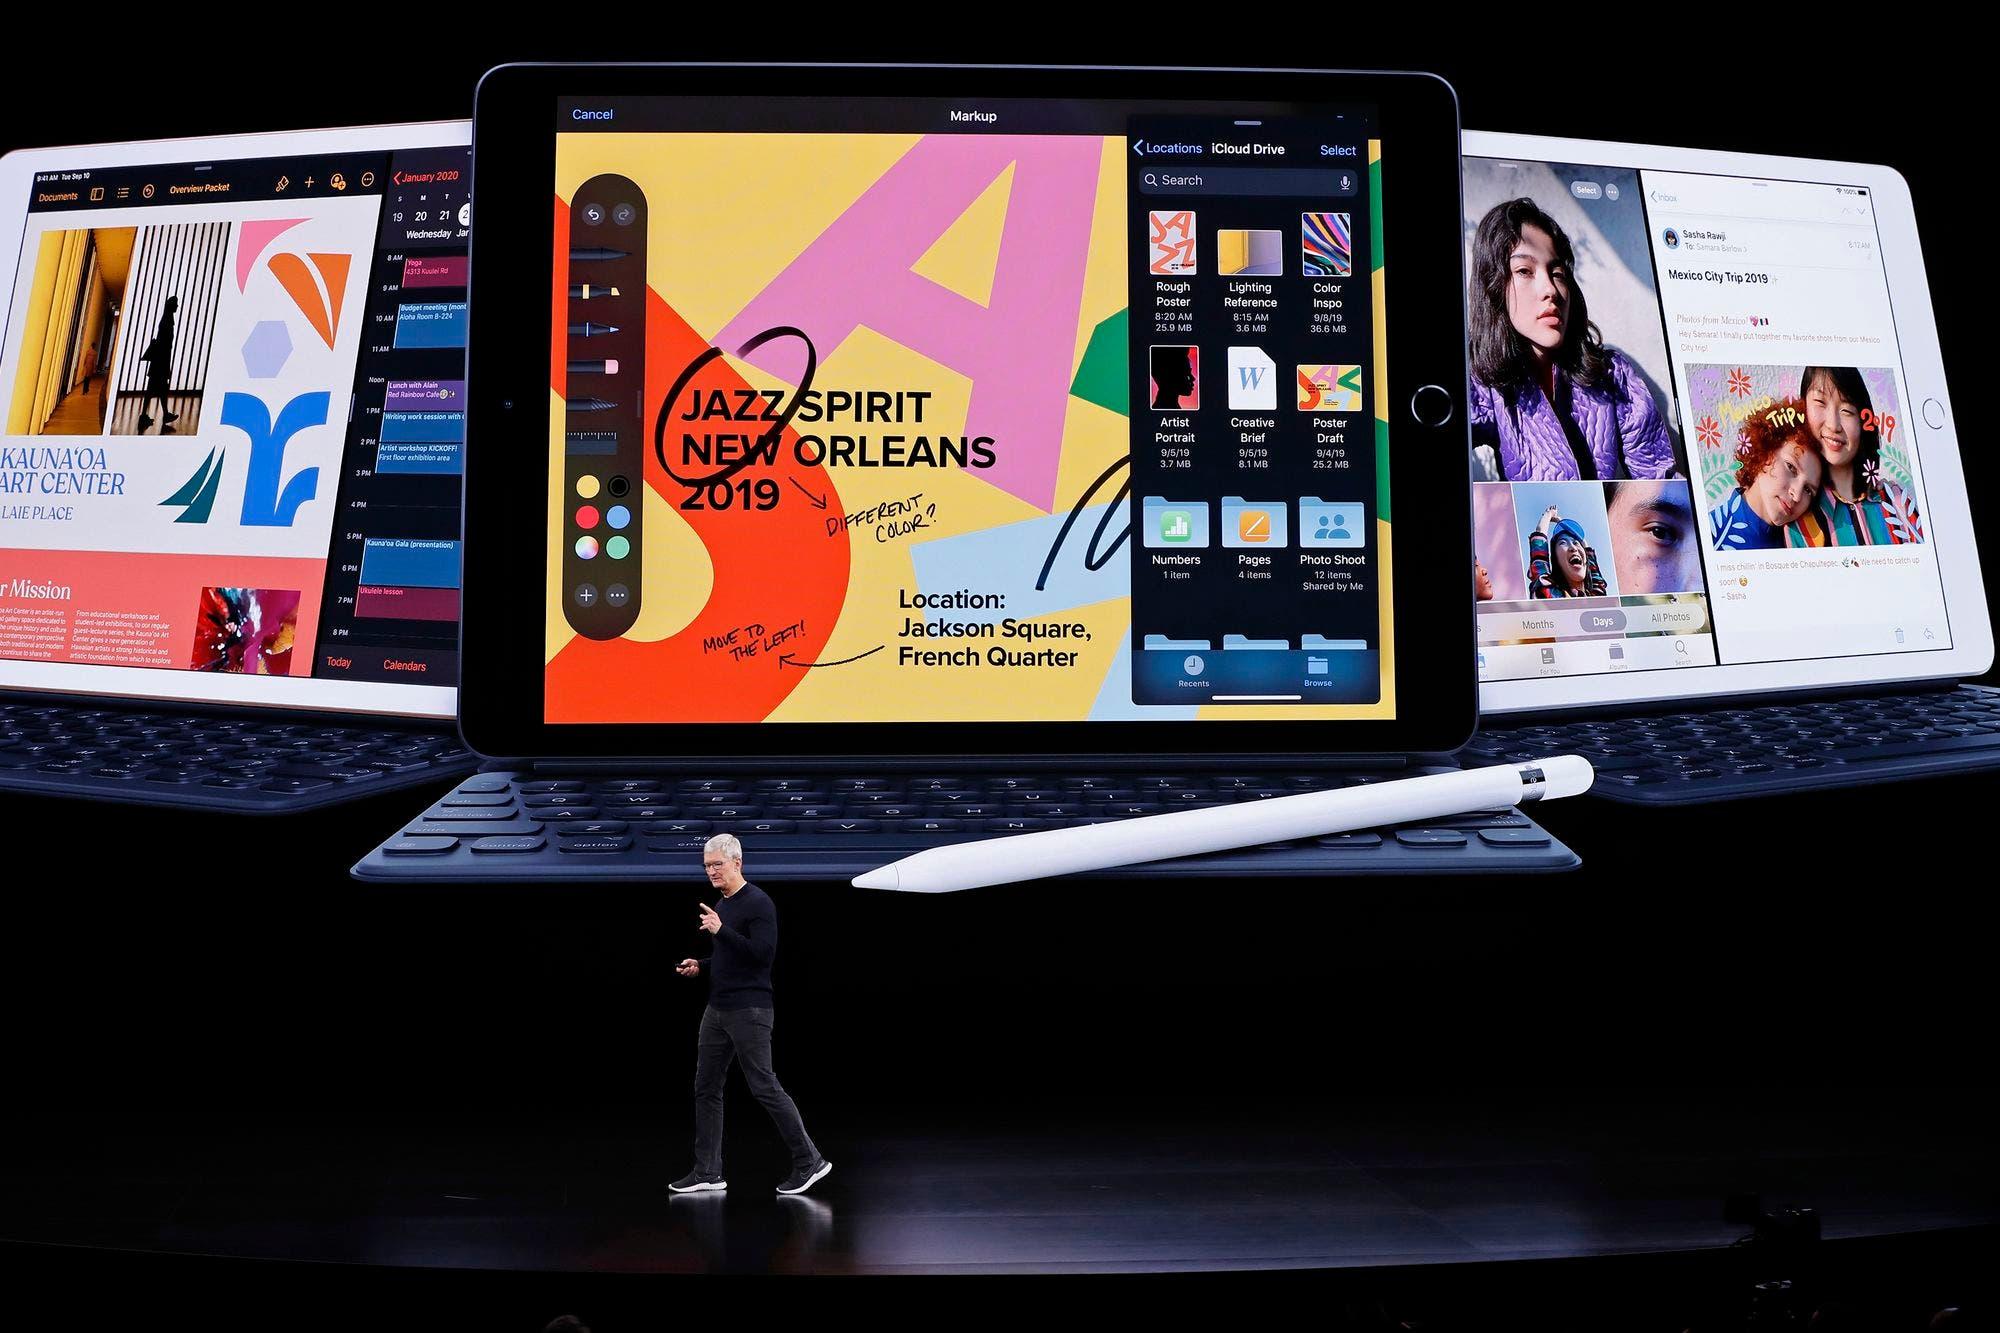 Las tabletas iPad de Apple fueron los equipos más demandados durante la pandemia de coronavirus